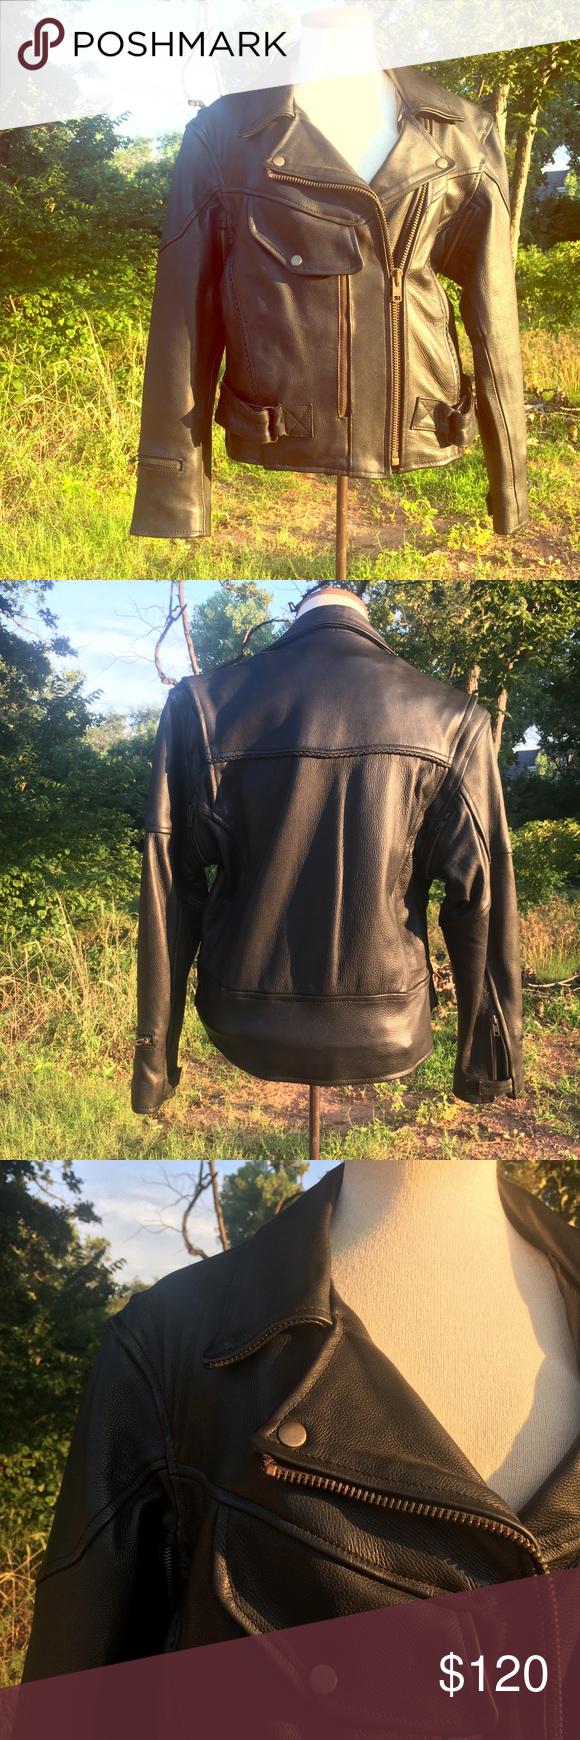 302439c83989 I just added this listing on Poshmark  Leather Motorcycle Jacket women s  medium.  shopmycloset